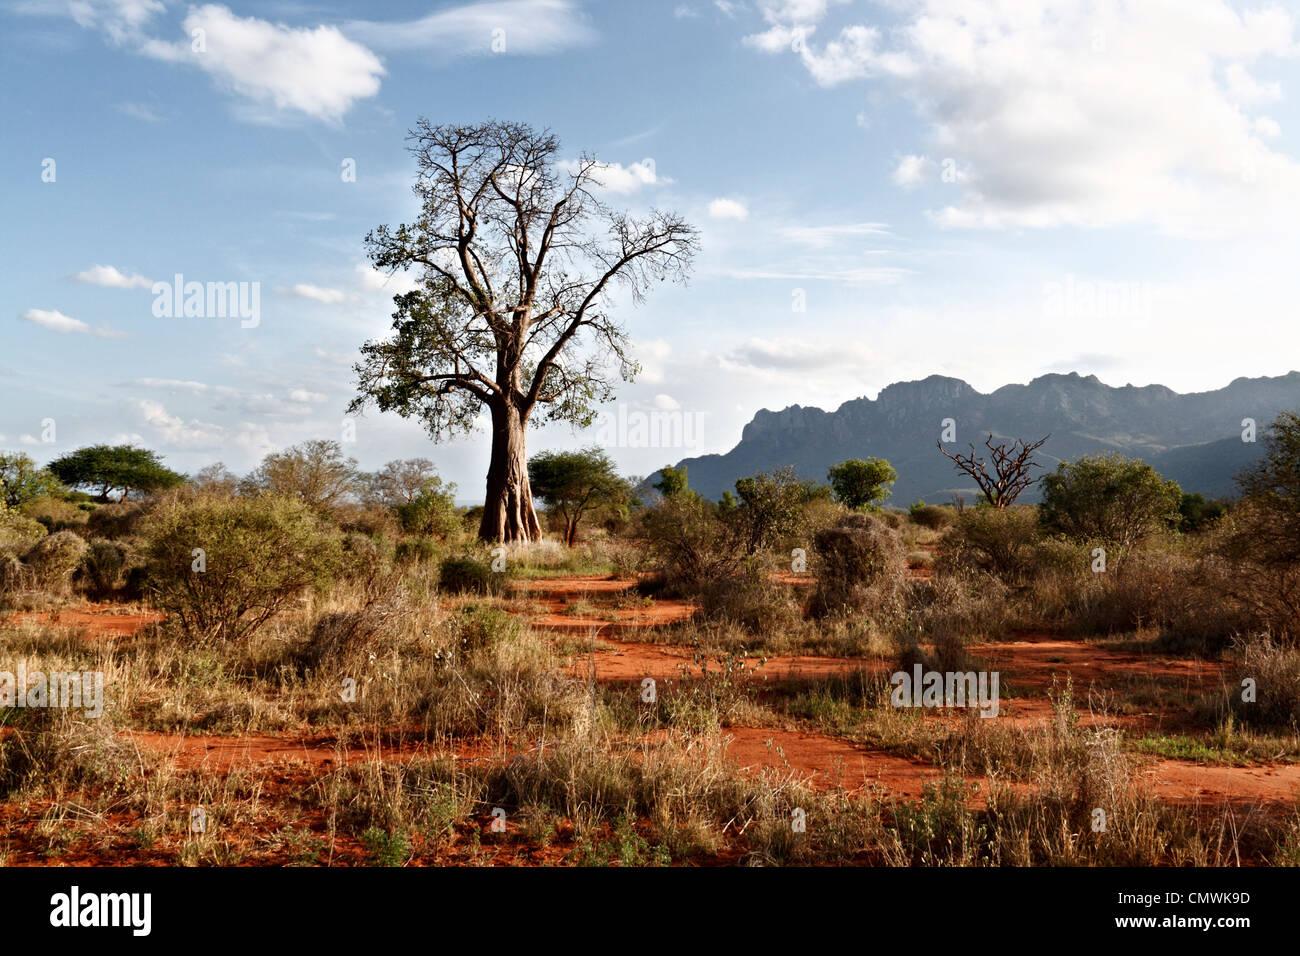 Afrikanischer Affenbrotbaum - Stock Image